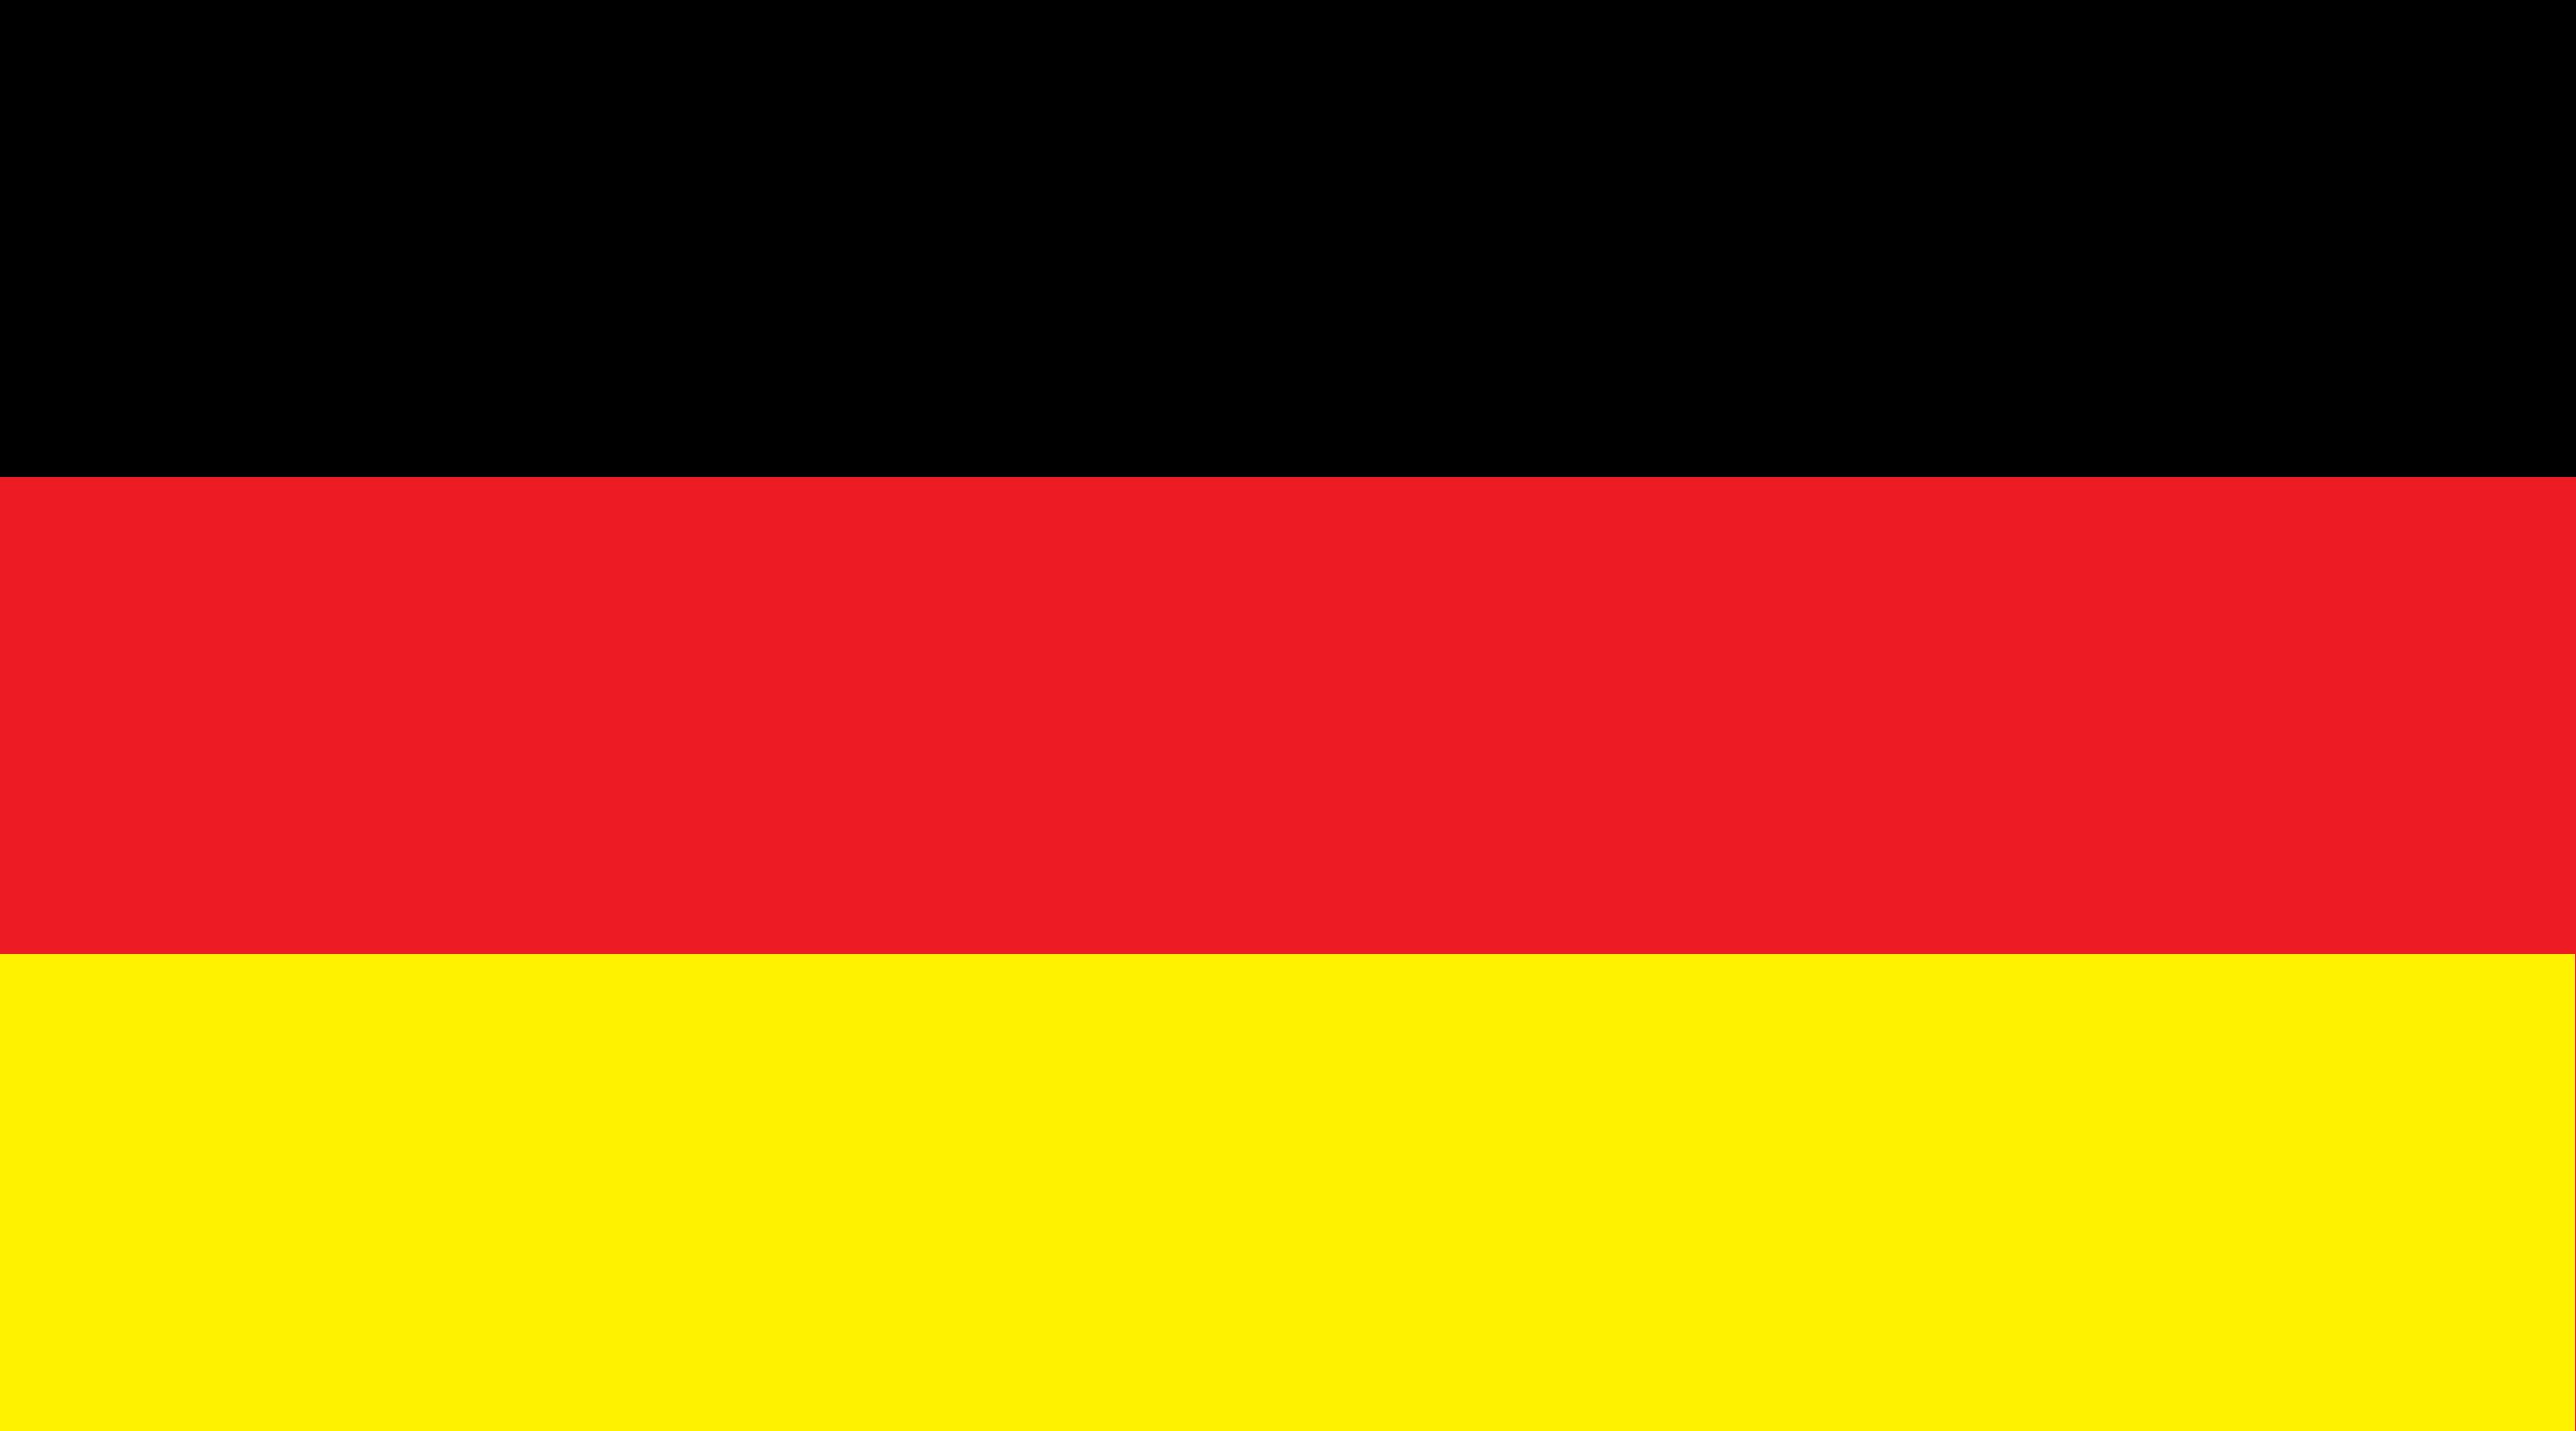 Deutschland Flagge Bilder : deutschland flagge ~ Markanthonyermac.com Haus und Dekorationen